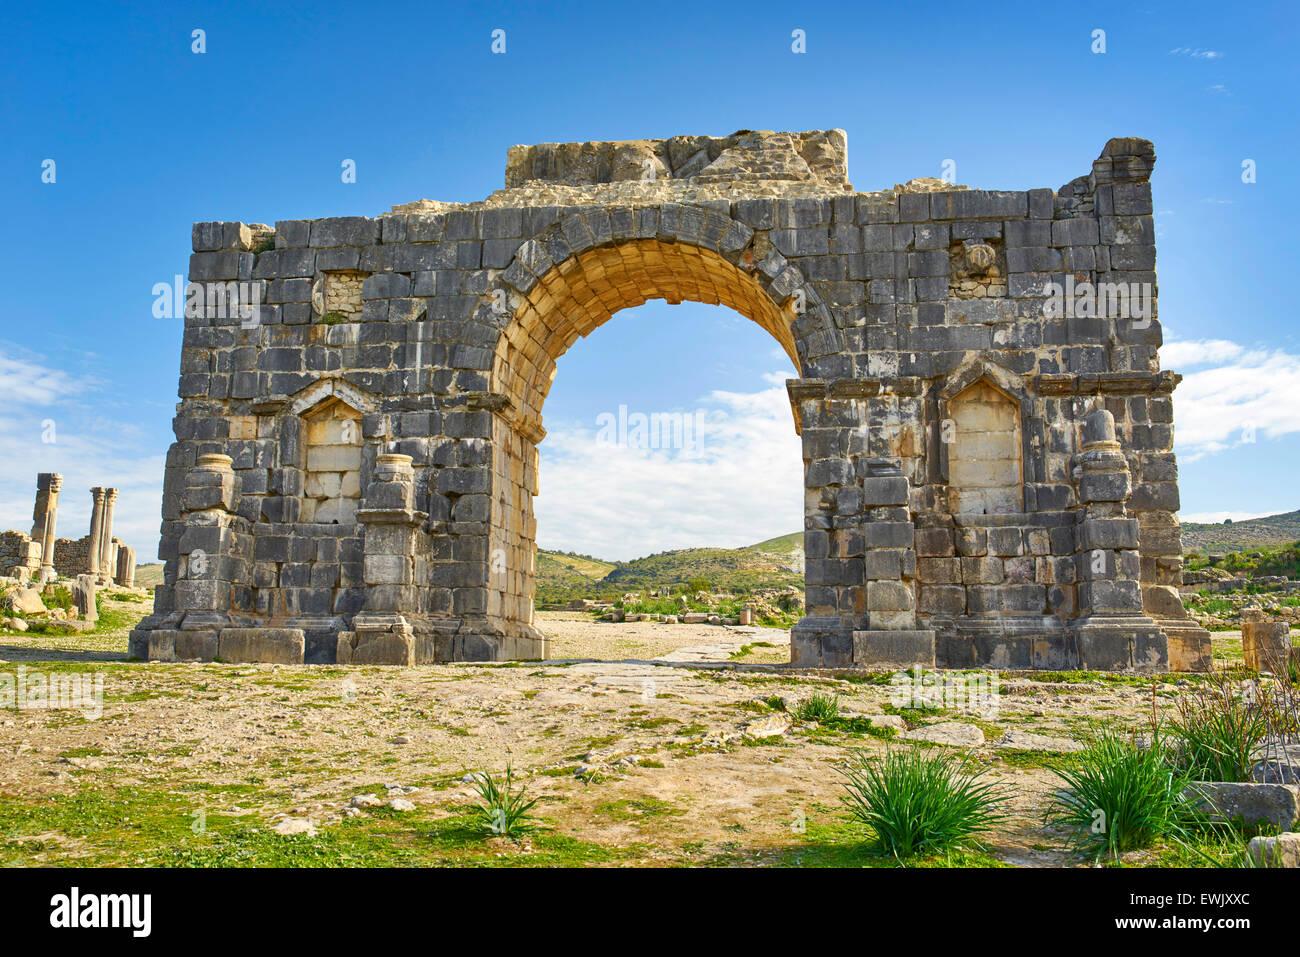 Römischen Ruinen von Volubilis in der Nähe von Meknes, Triumphbogen, UNESCO, Marokko, Afrika Stockfoto